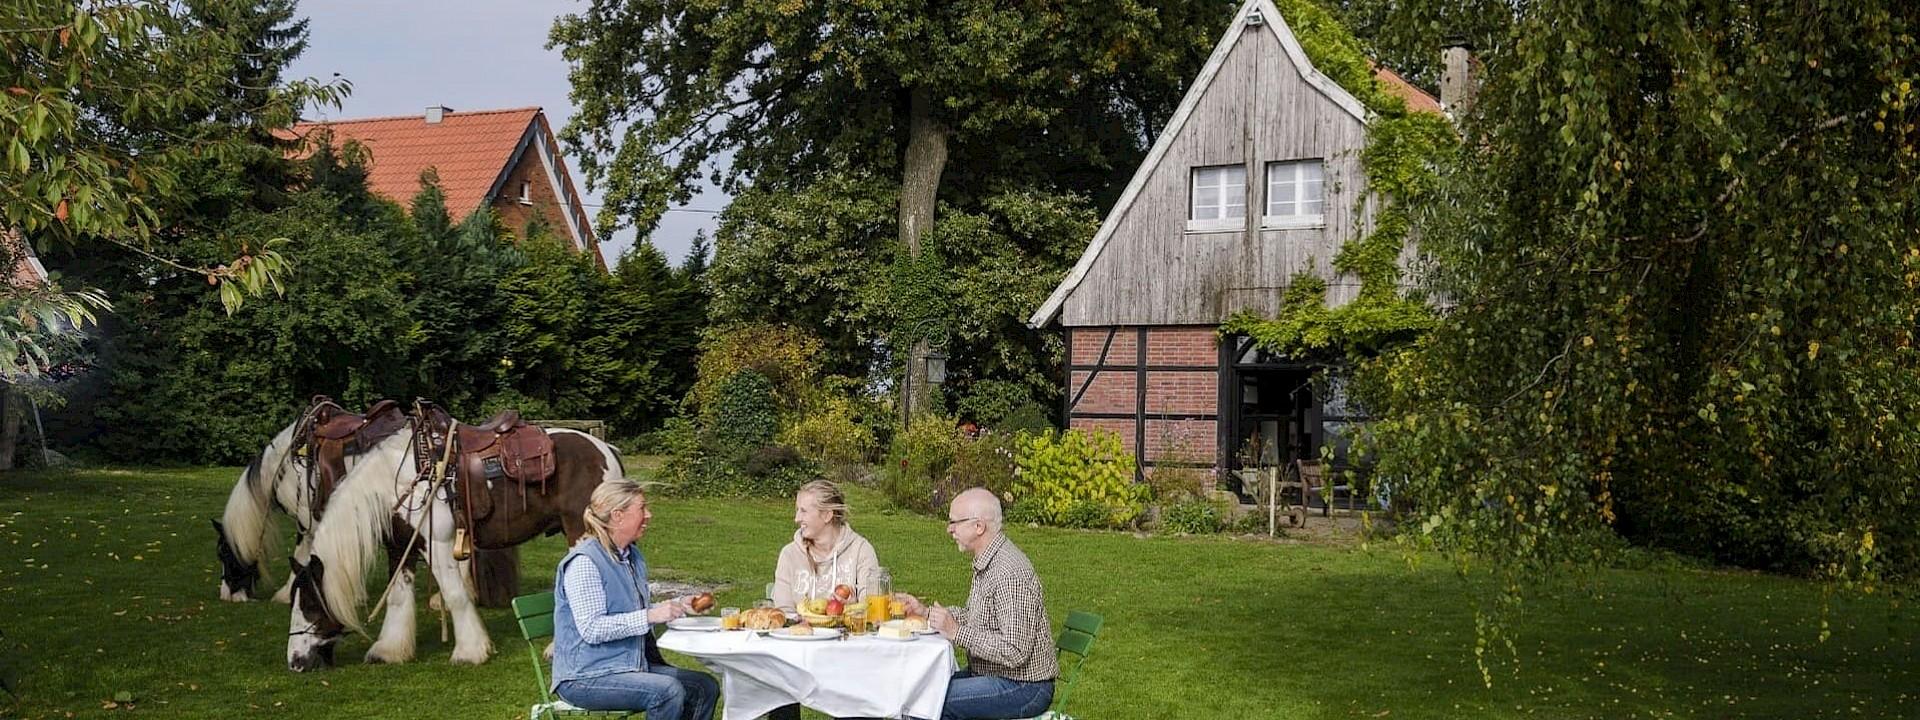 Das Landleben in vollen Zügen genießen Urlaub auf dem Bauernhof